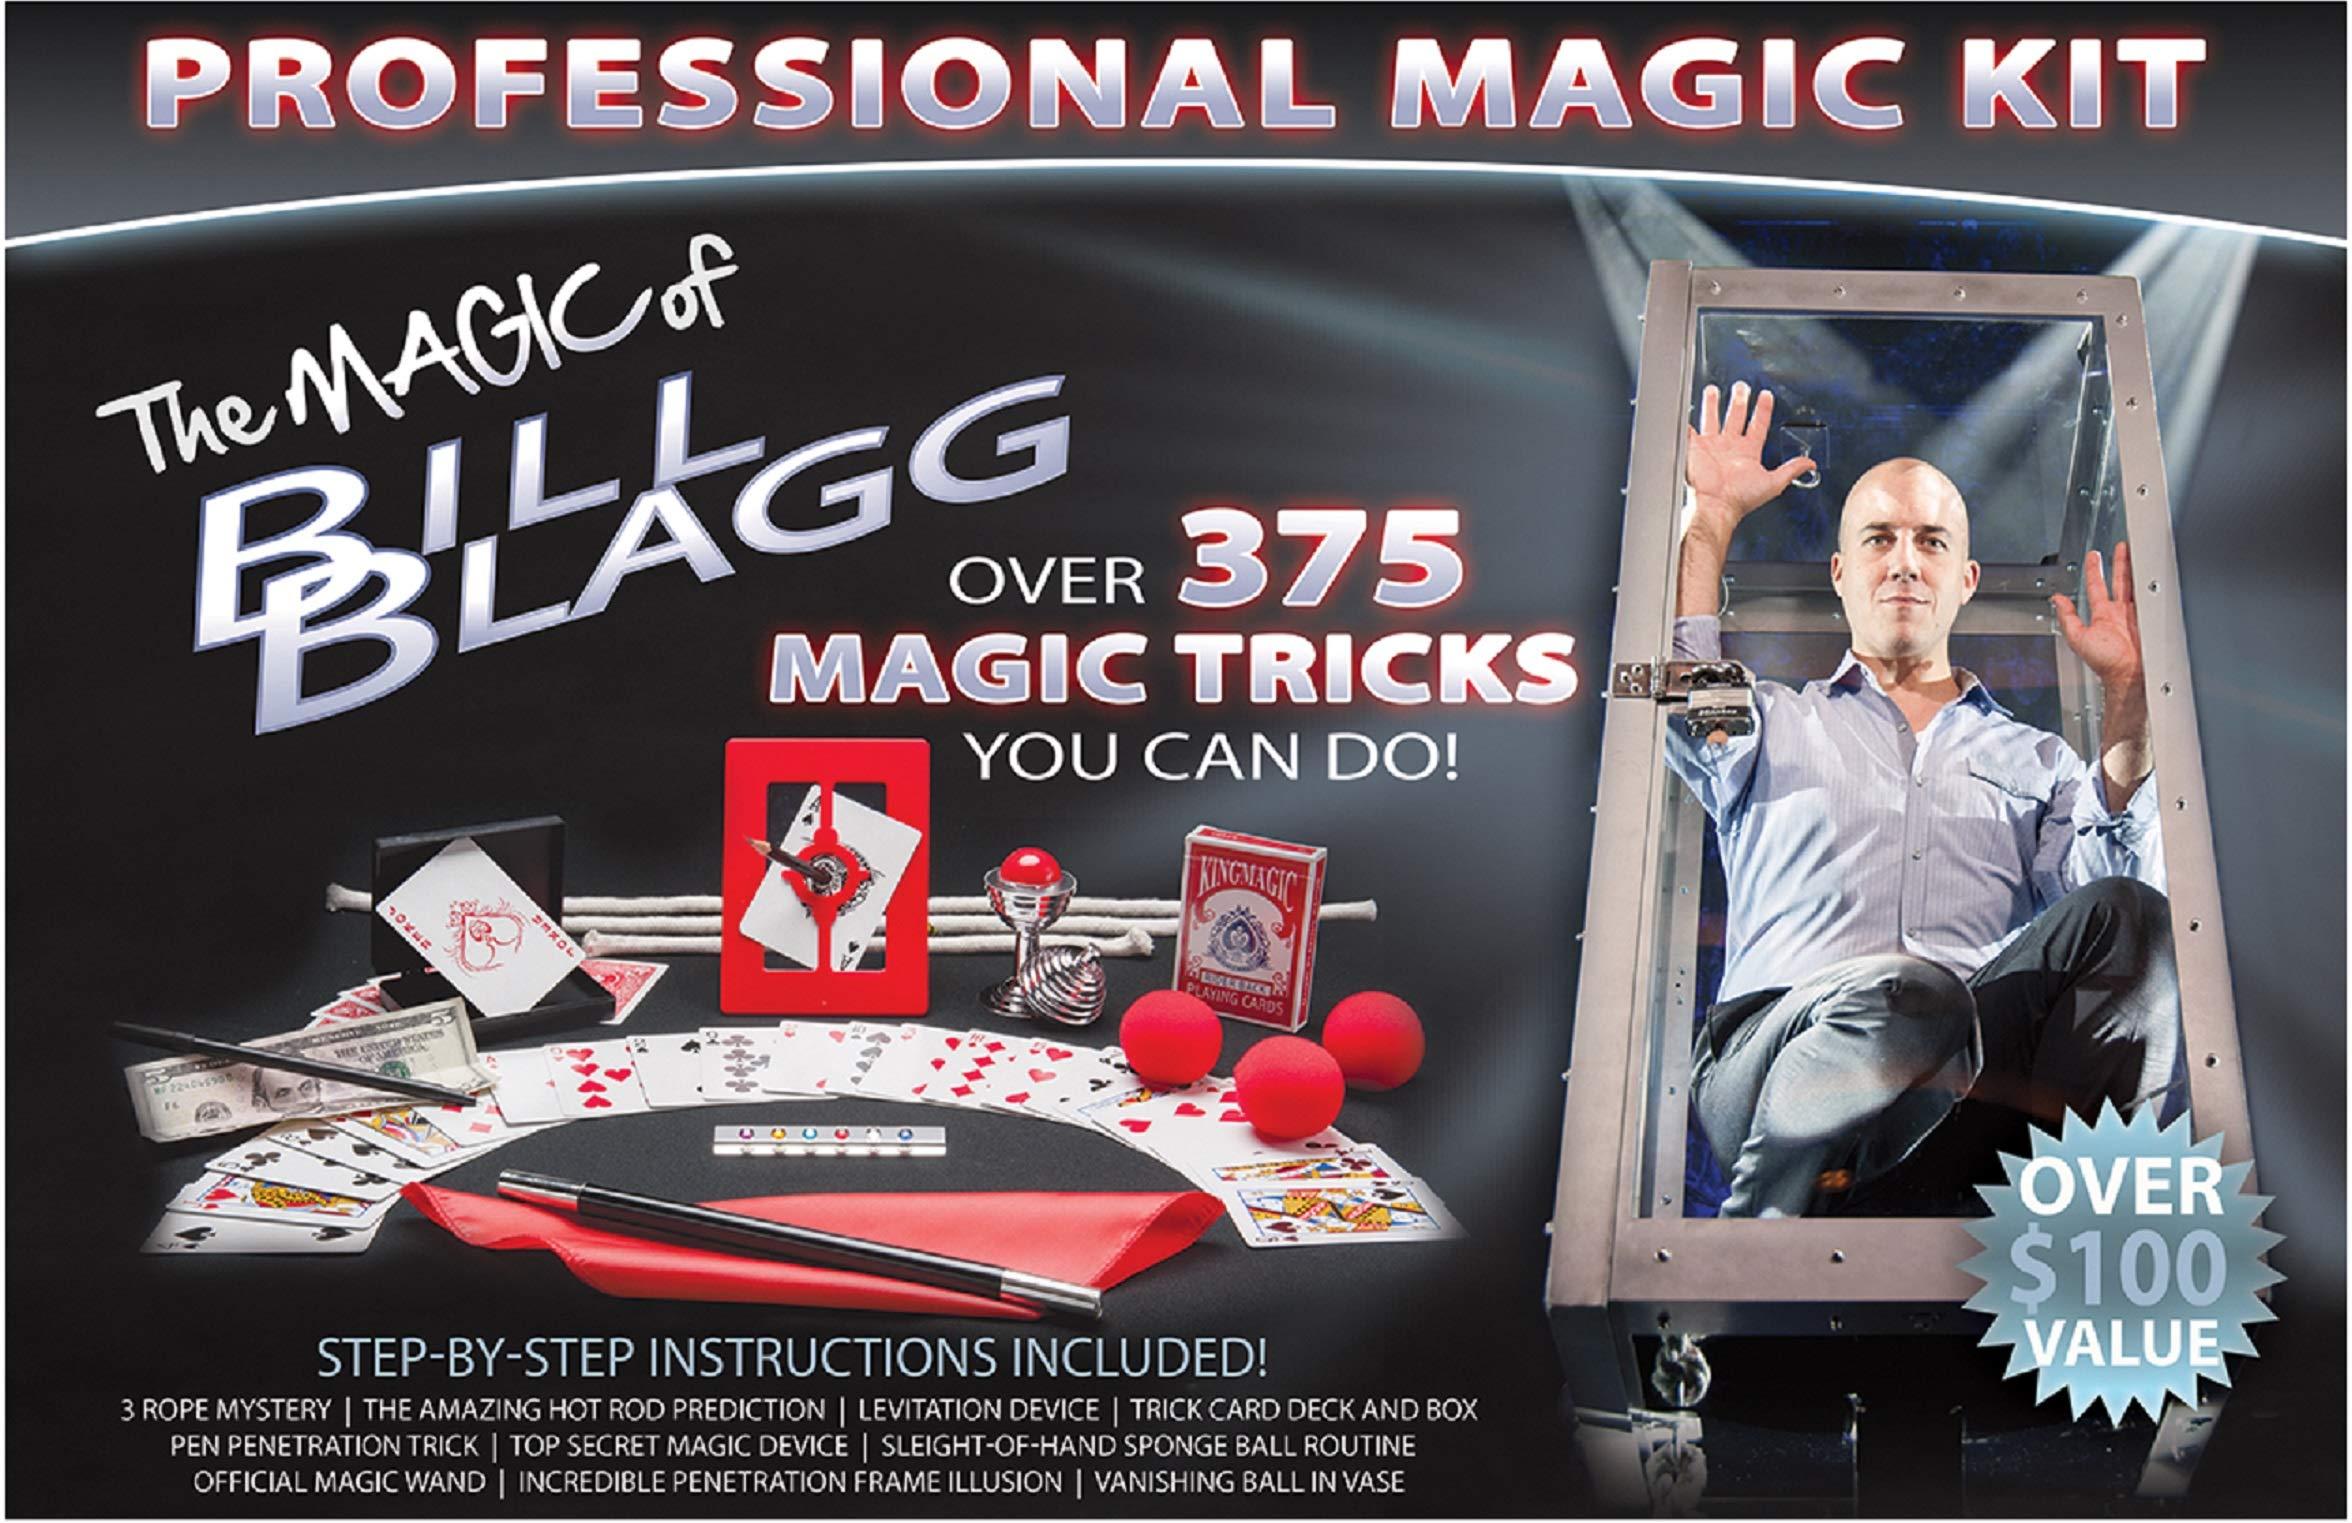 Bill Blagg Professional Magic Kit by MOBB Magic